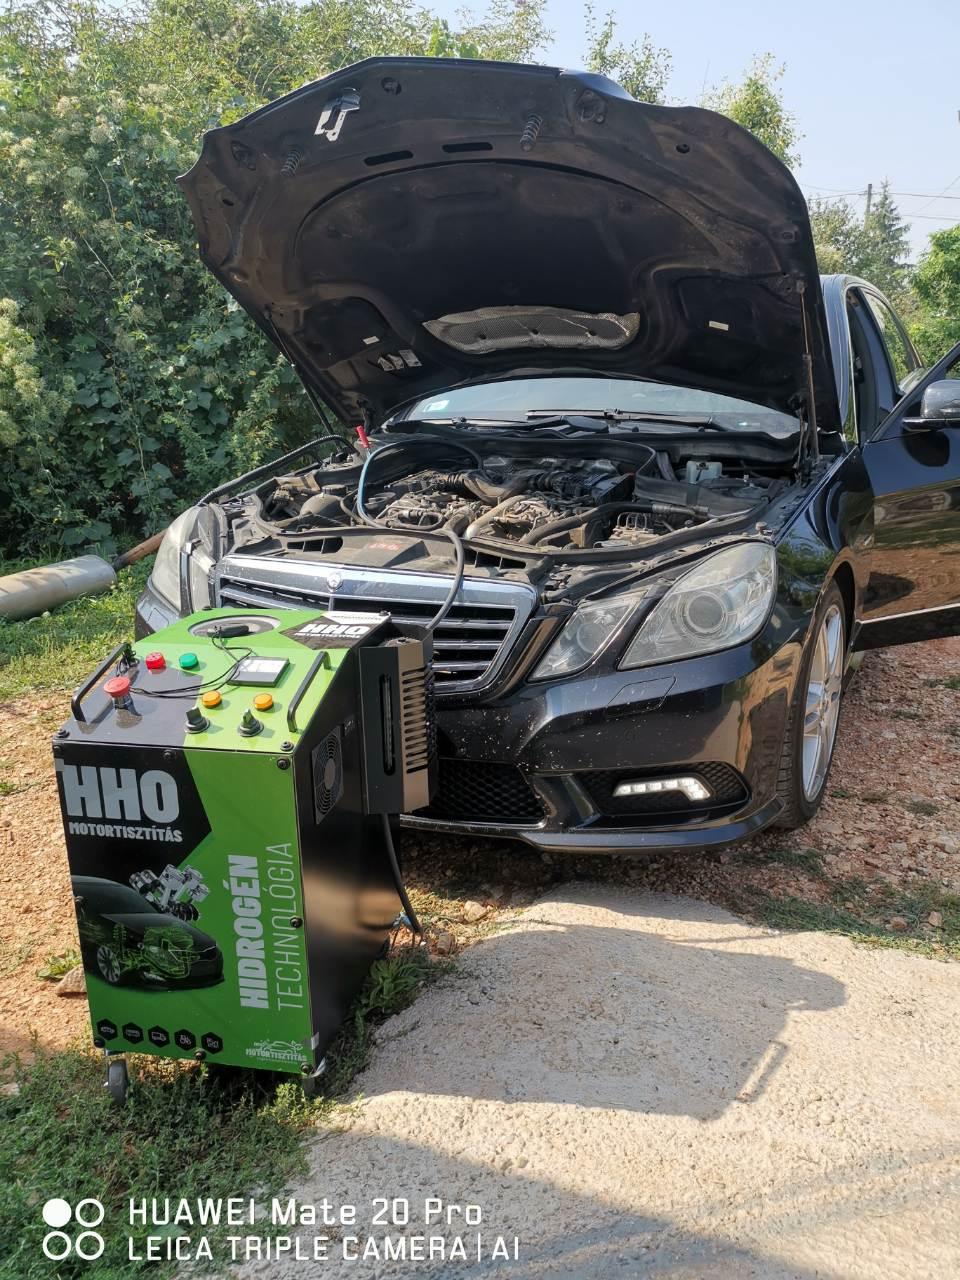 HHO Motortisztítás Mercedes W212 3.0 V6 CDI